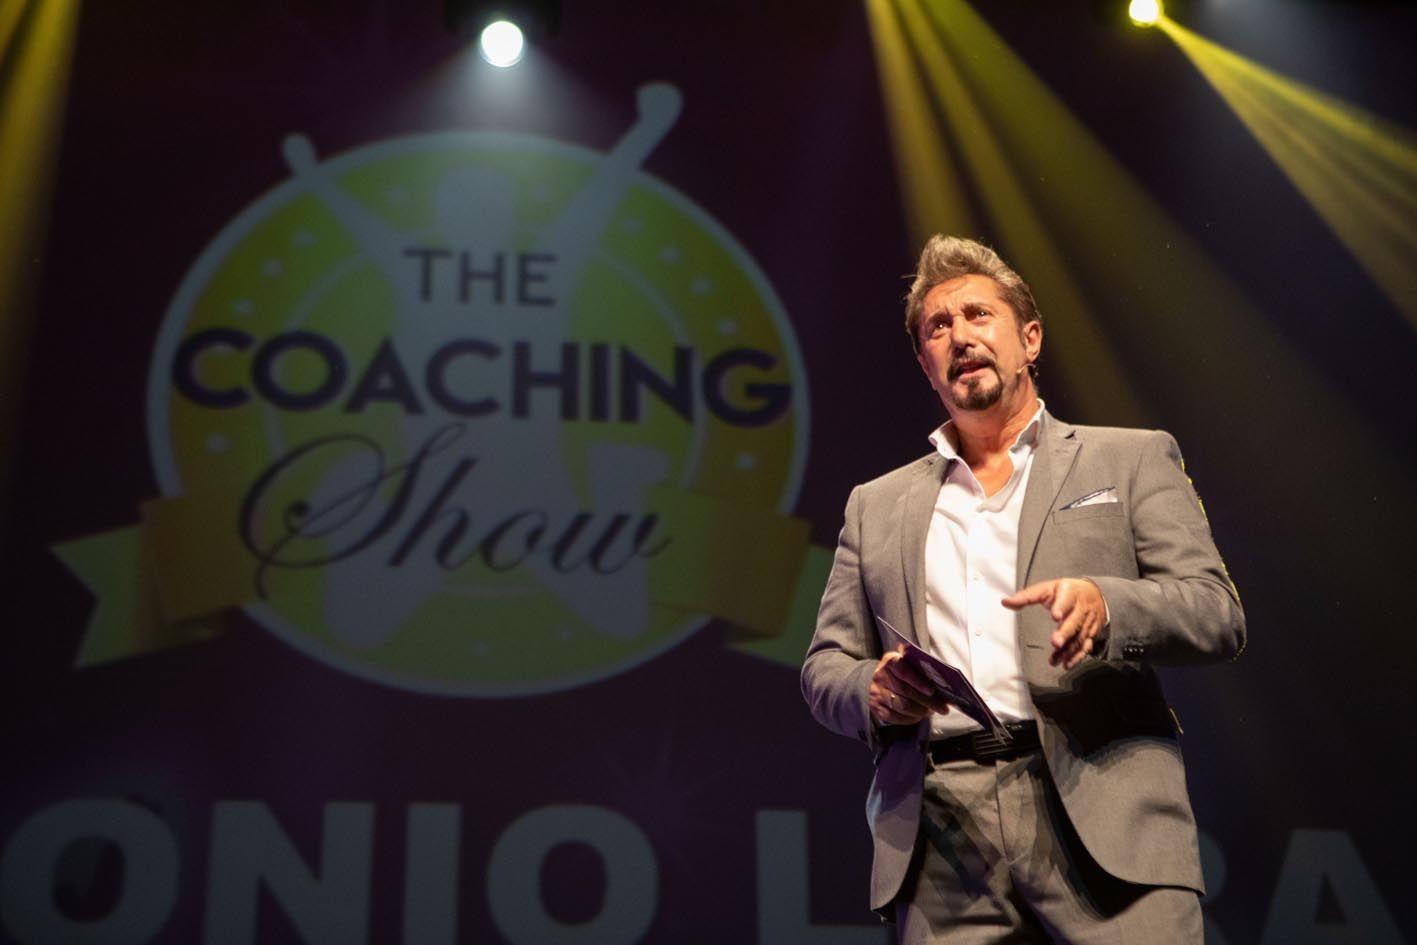 Fotografia The coaching show